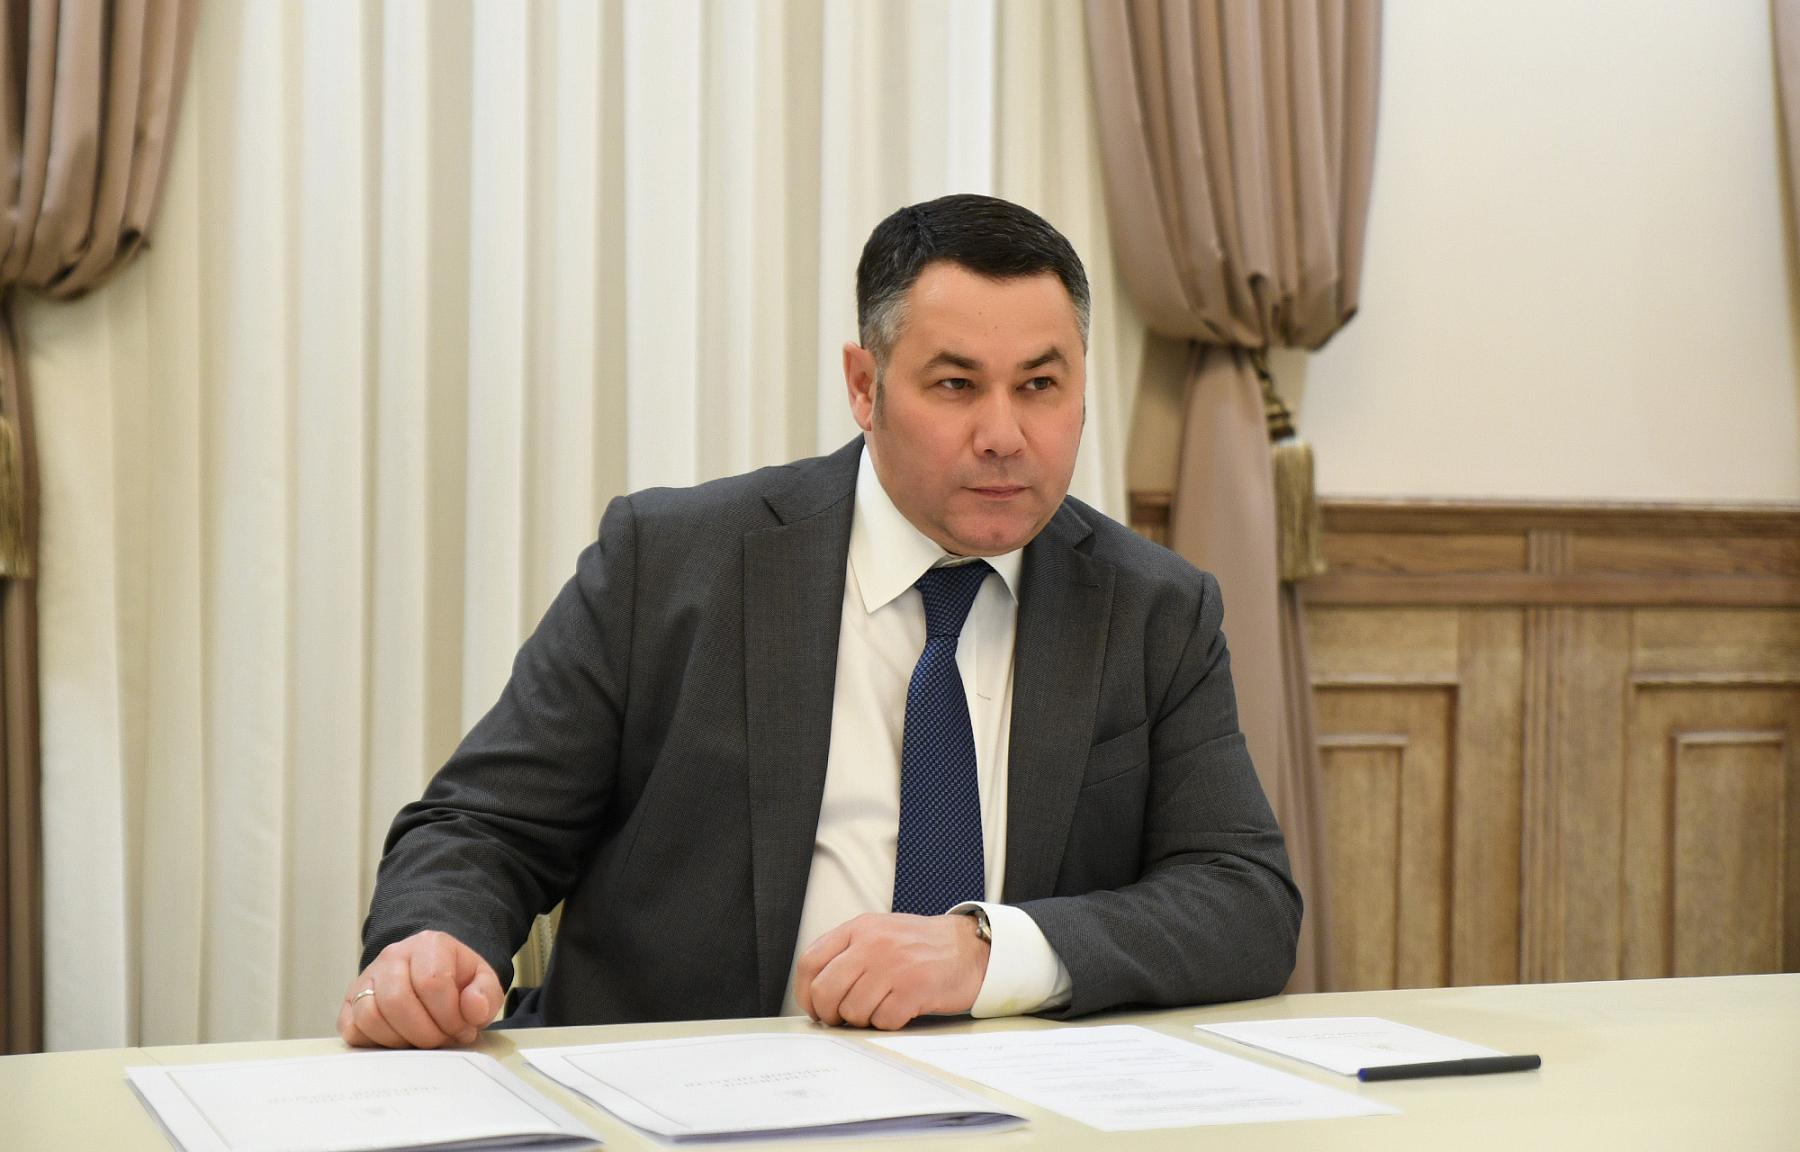 Губернатор Игорь Руденя подписал постановление об ужесточении масочного режима